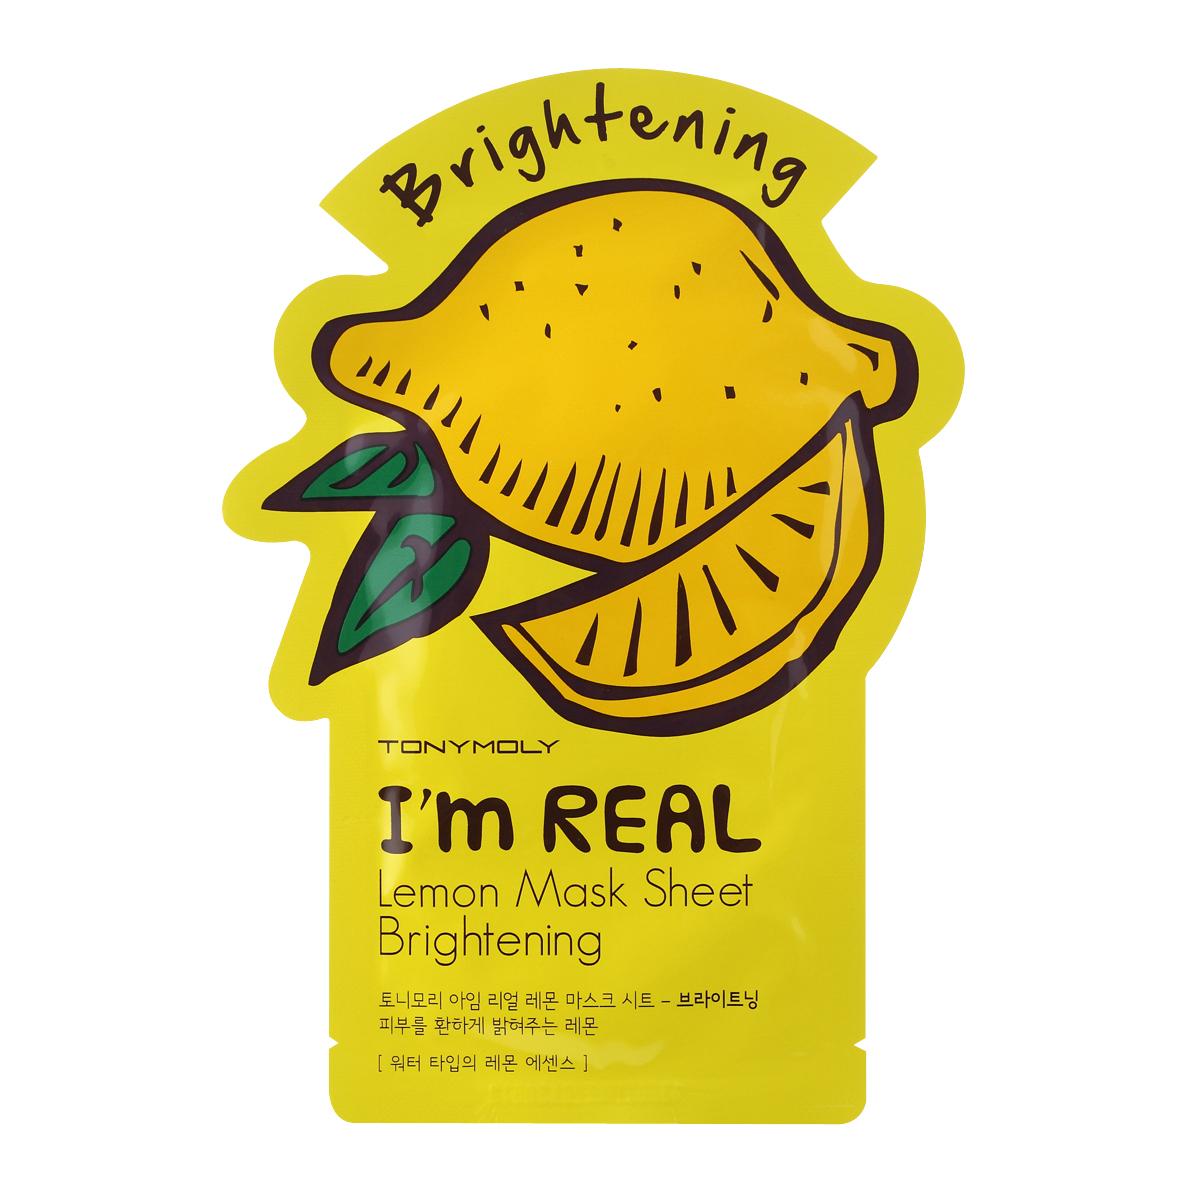 TonyMoly Тканевая маска с экстрактом лимона Im Real Lemon Mask Sheet, 21 млSS05015000Одноразовая маска для лица с лимоном состоит из 100% хлопка и содержит большое количество витаминов и минералов, которые осветляют кожу и эффективно убирают пигментные пятна, веснушки и следы от рубцов и шрамов. Маска содержит витамин С, который выравнивает тон кожи и питает ее полезными веществами необходимыми для поддержания молодости и упругости кожи. Экстракт лимона убирает тусклость кожи и придает коже сияние, упругость и эластичность. Использование маски избавит кожу от нежелательных следов пигментации и улучшит эластичность кожи. Марка Tony Moly чаще всего размещает на упаковке (внизу или наверху на спайке двух сторон упаковки, на дне банки, на тубе сбоку) дату изготовления в формате: год/месяц/дата.